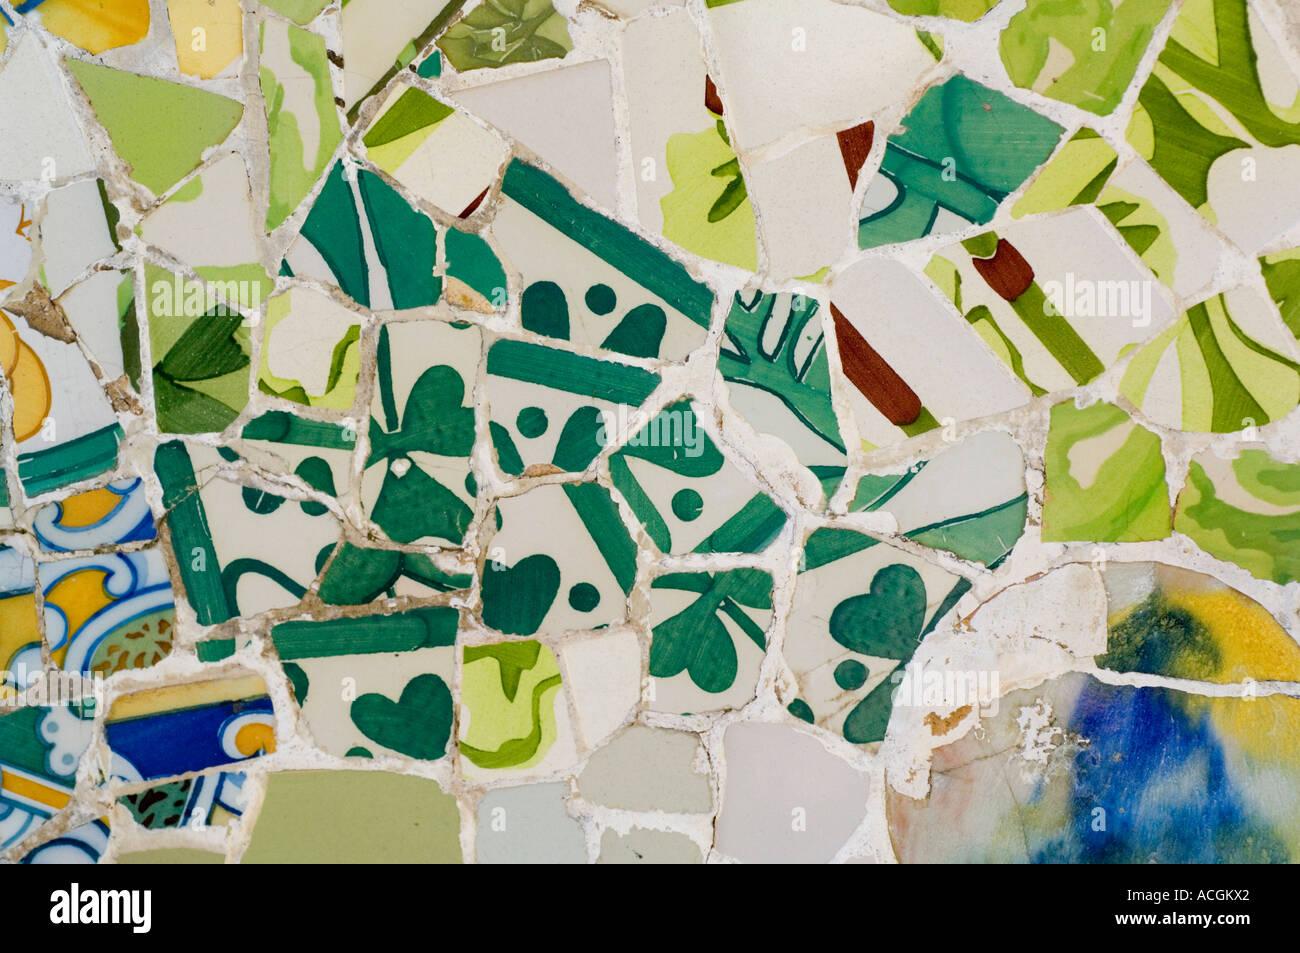 Trencadis, mosaic in Park Guell (1900-1914), Antoni Gaudi, Barcelona, Catalunya, Spain, Europe - Stock Image